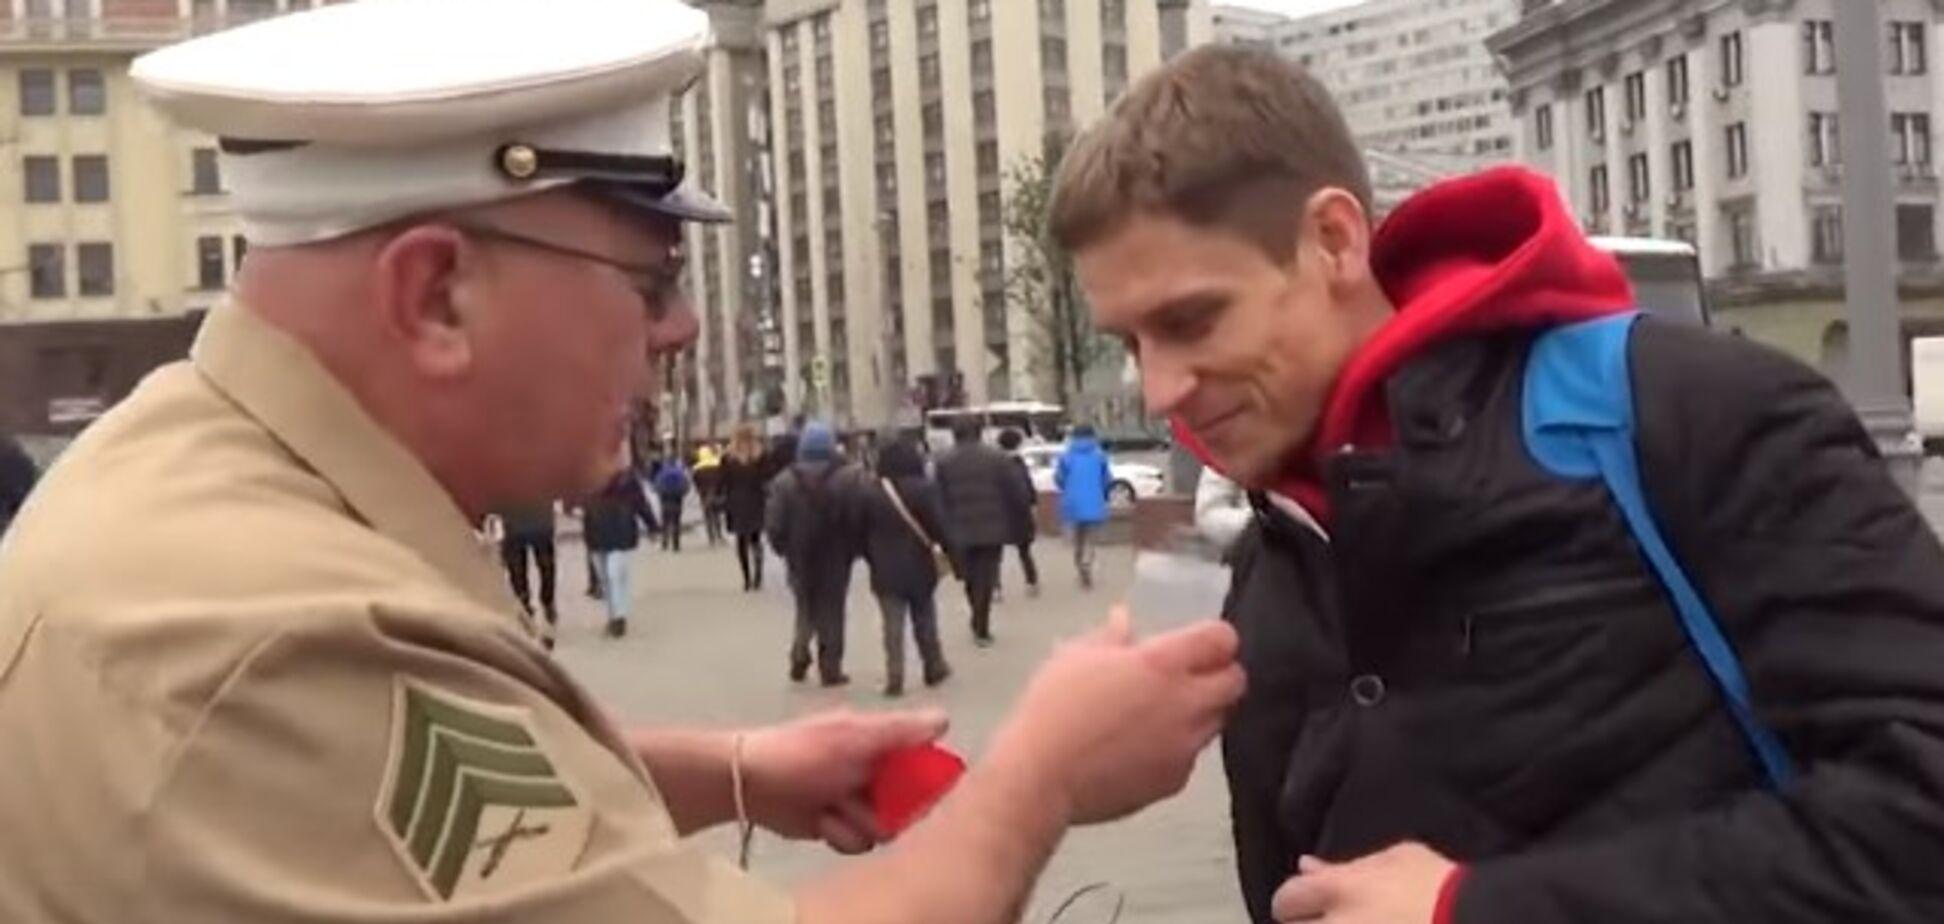 Собрал биоматериал: 'американский военный' постебался над россиянами